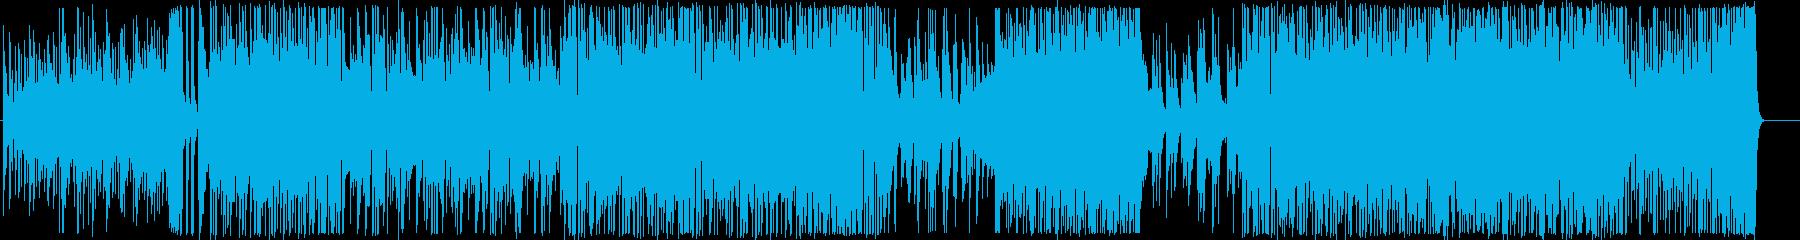 ノリノリの明るいギターインストの再生済みの波形